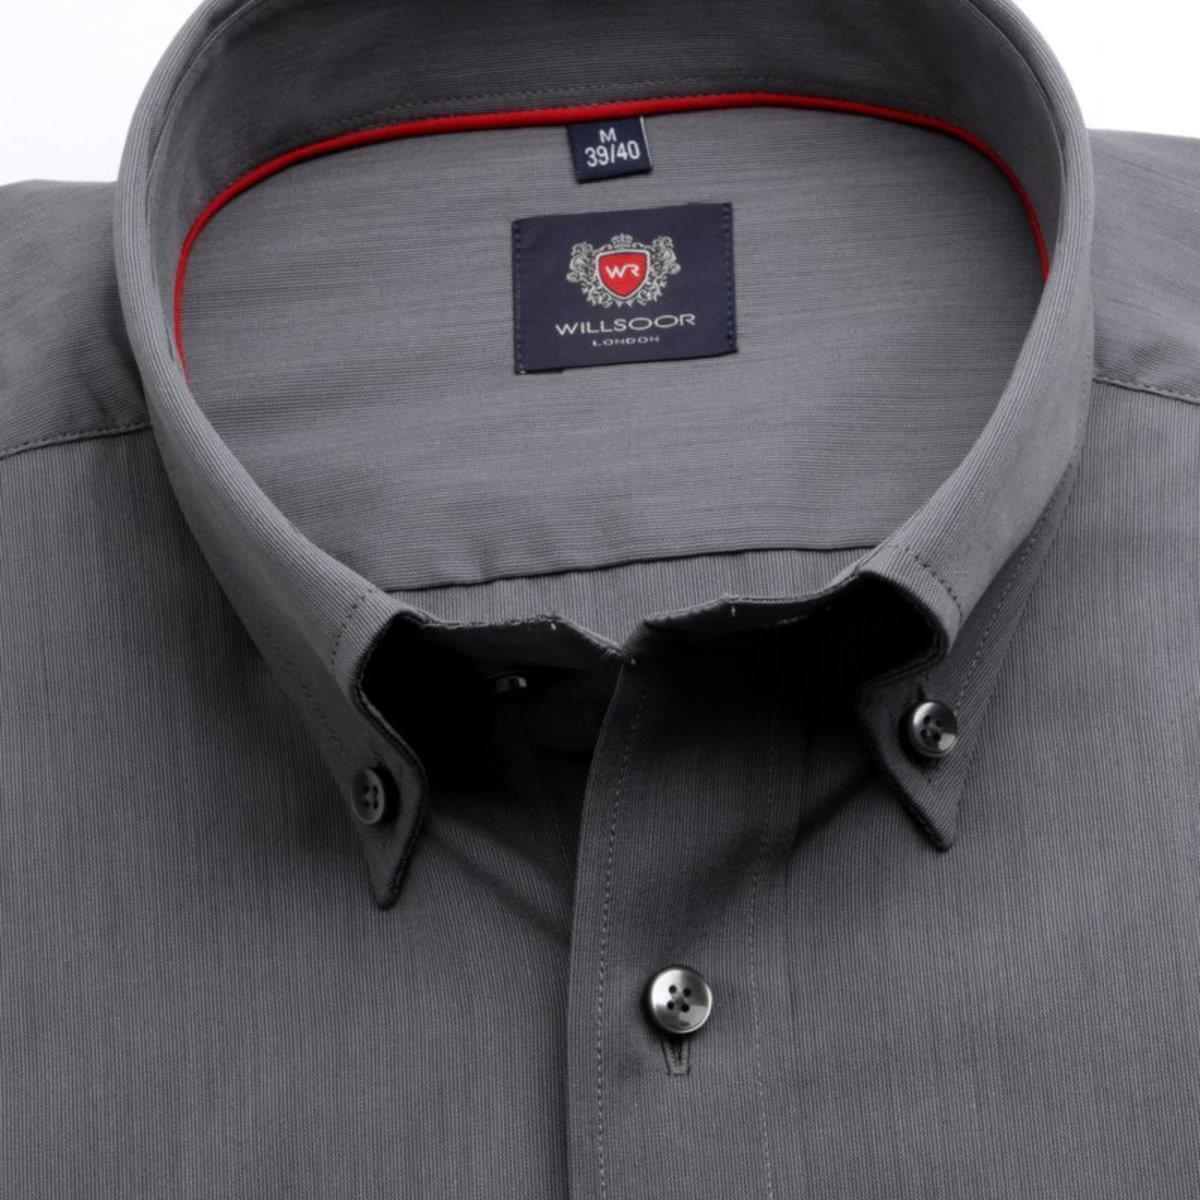 Pánská klasická košile London (výška 188-194) 7636 v grafitové barvě s úpravou Easy Care 188-194 / XL (43/44)